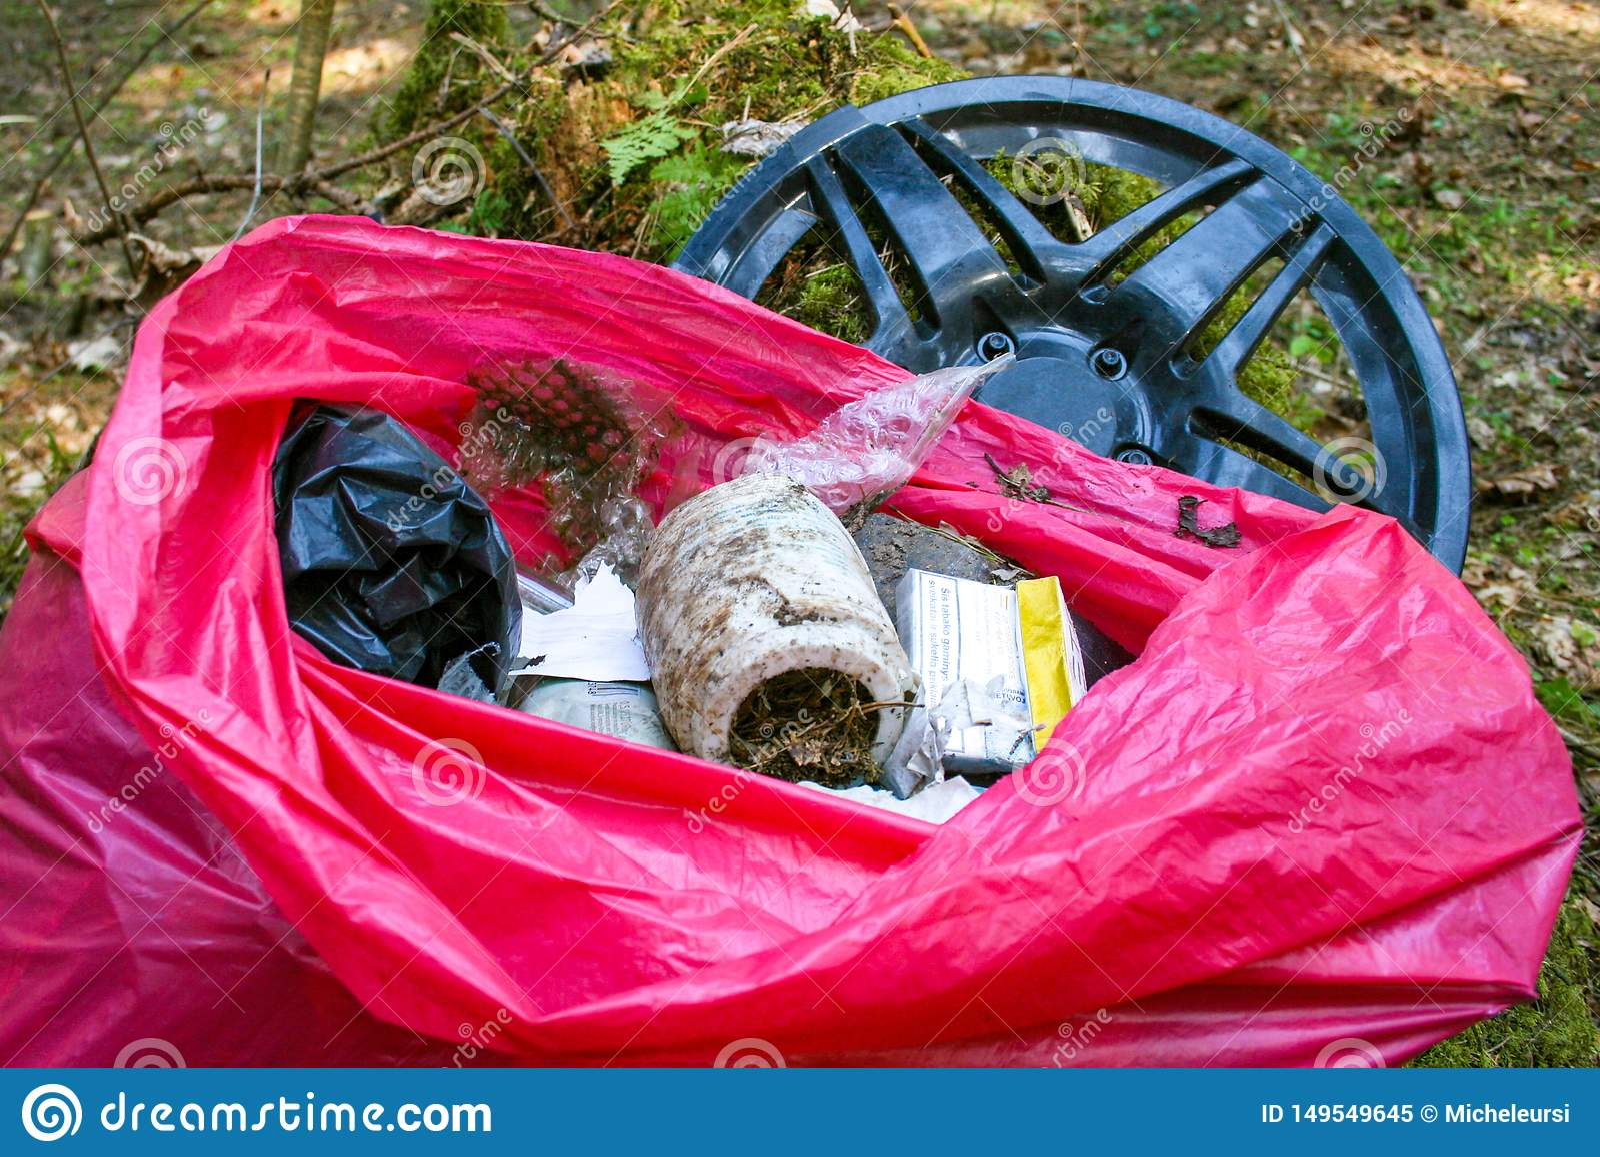 Afval, huisvuil en plastiek in een bos, verontreiniging